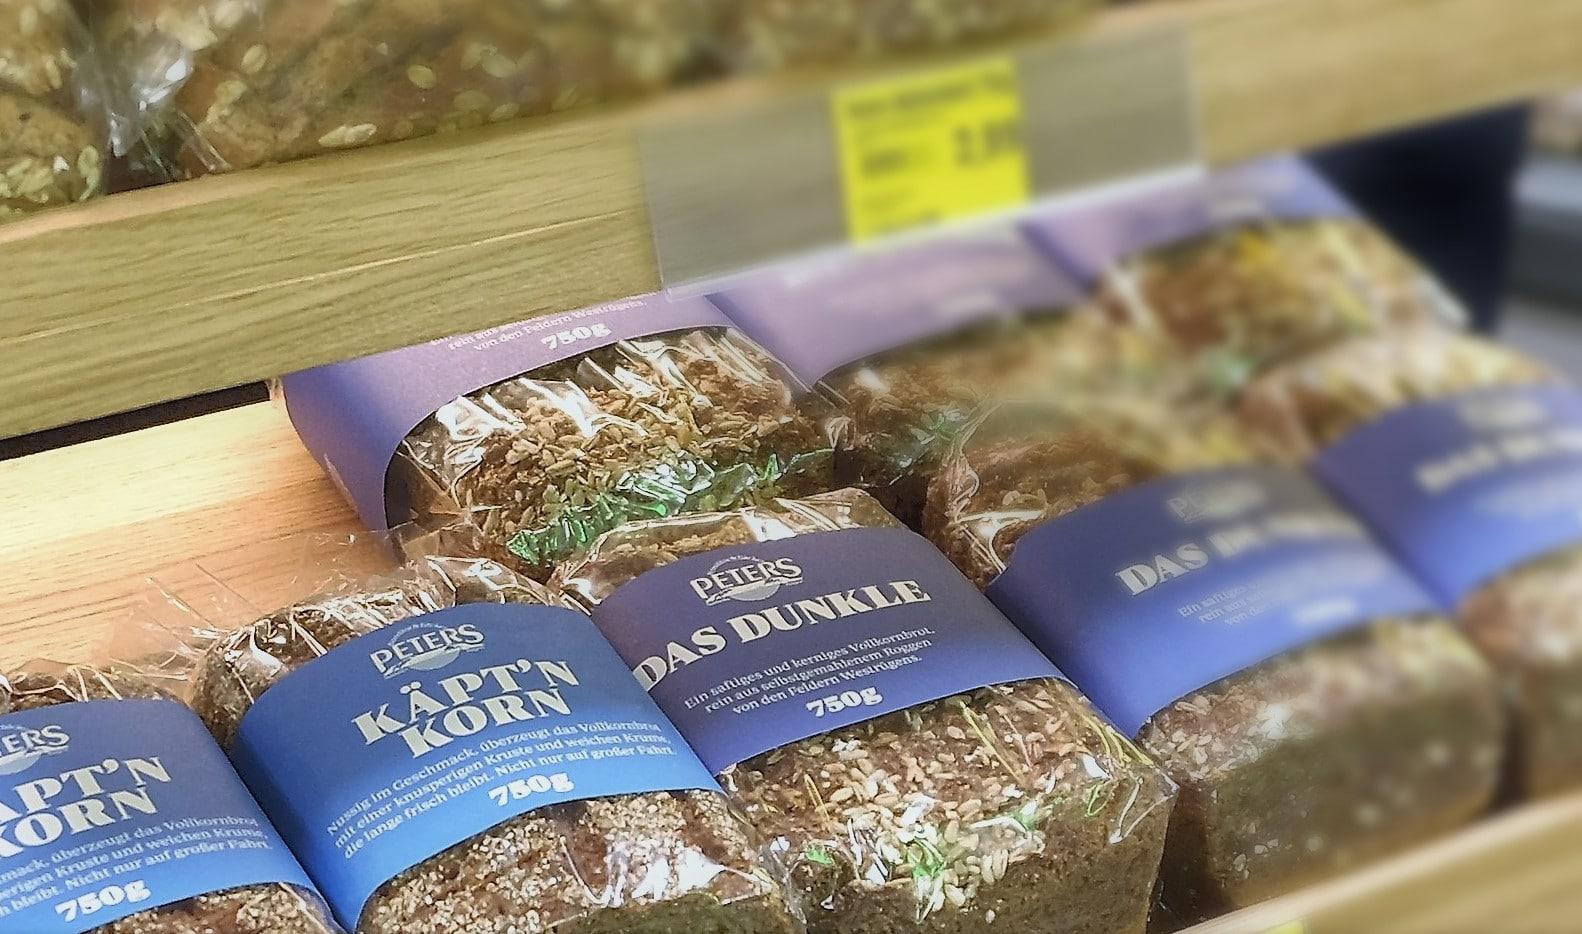 Geht weg wie geschnitten Brot: Käpt'n Korn & Co in unserem Brotregal bei Edeka.